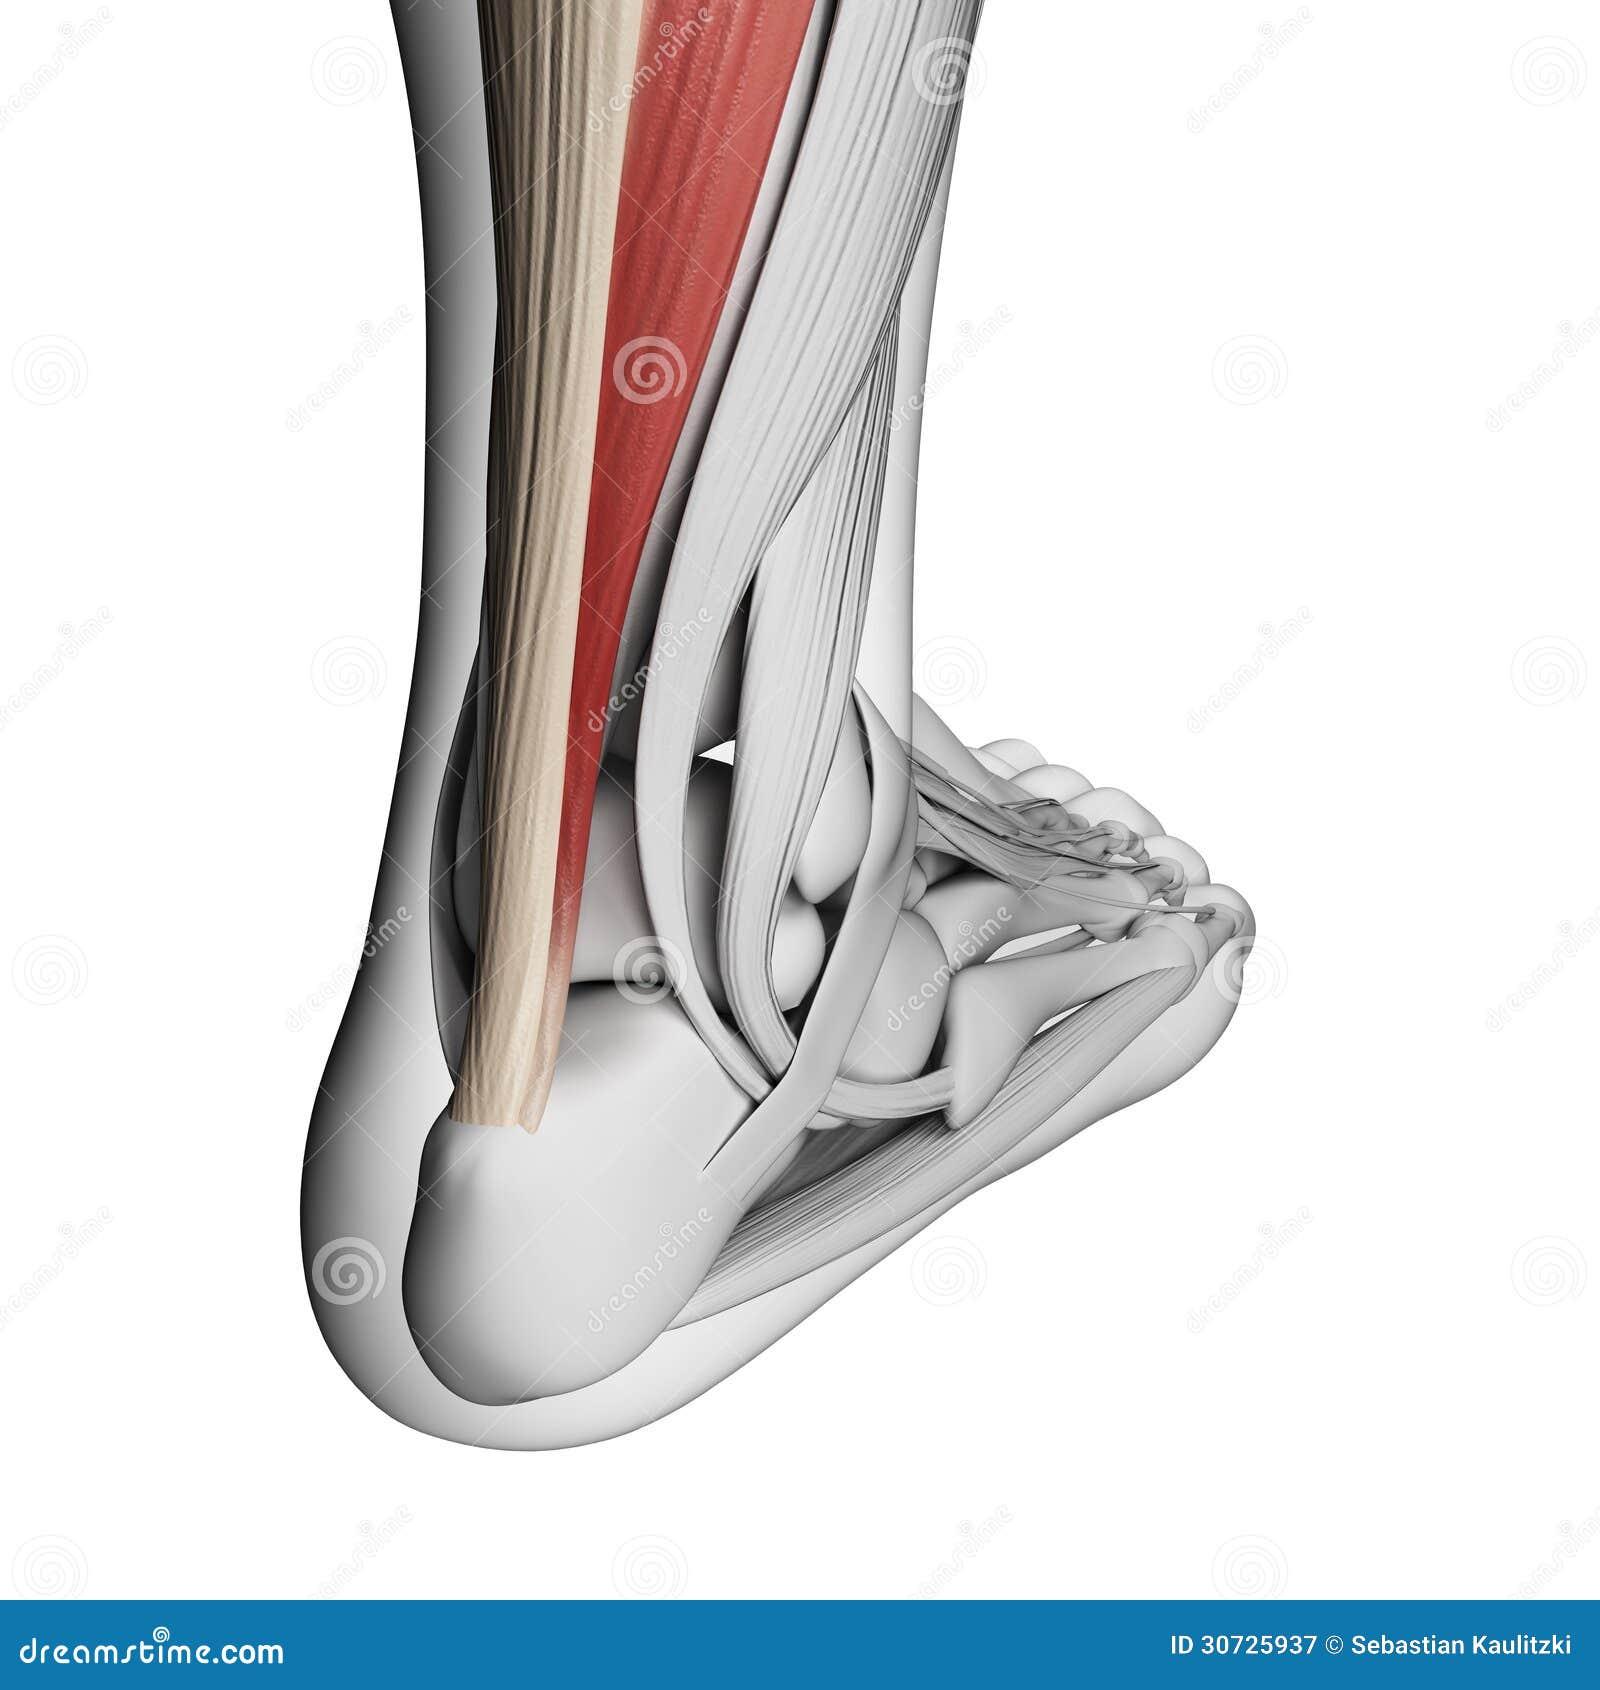 Achilles tendon stock illustration. Illustration of ankle - 30725937